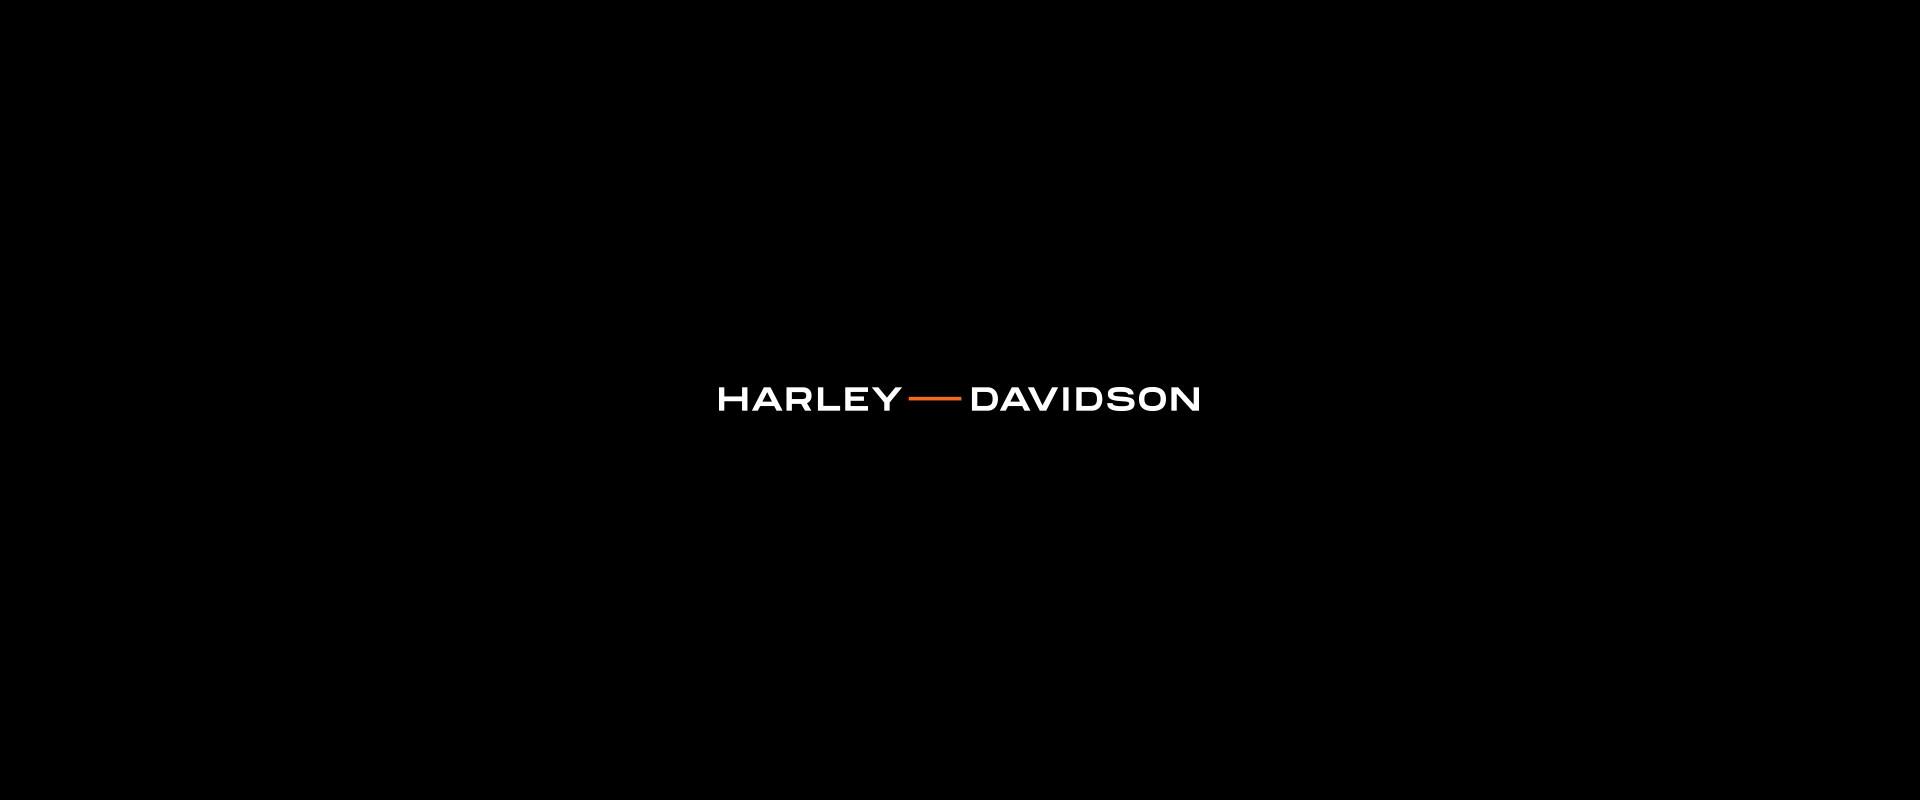 Harley Davidson - Manifesto 90s-0184